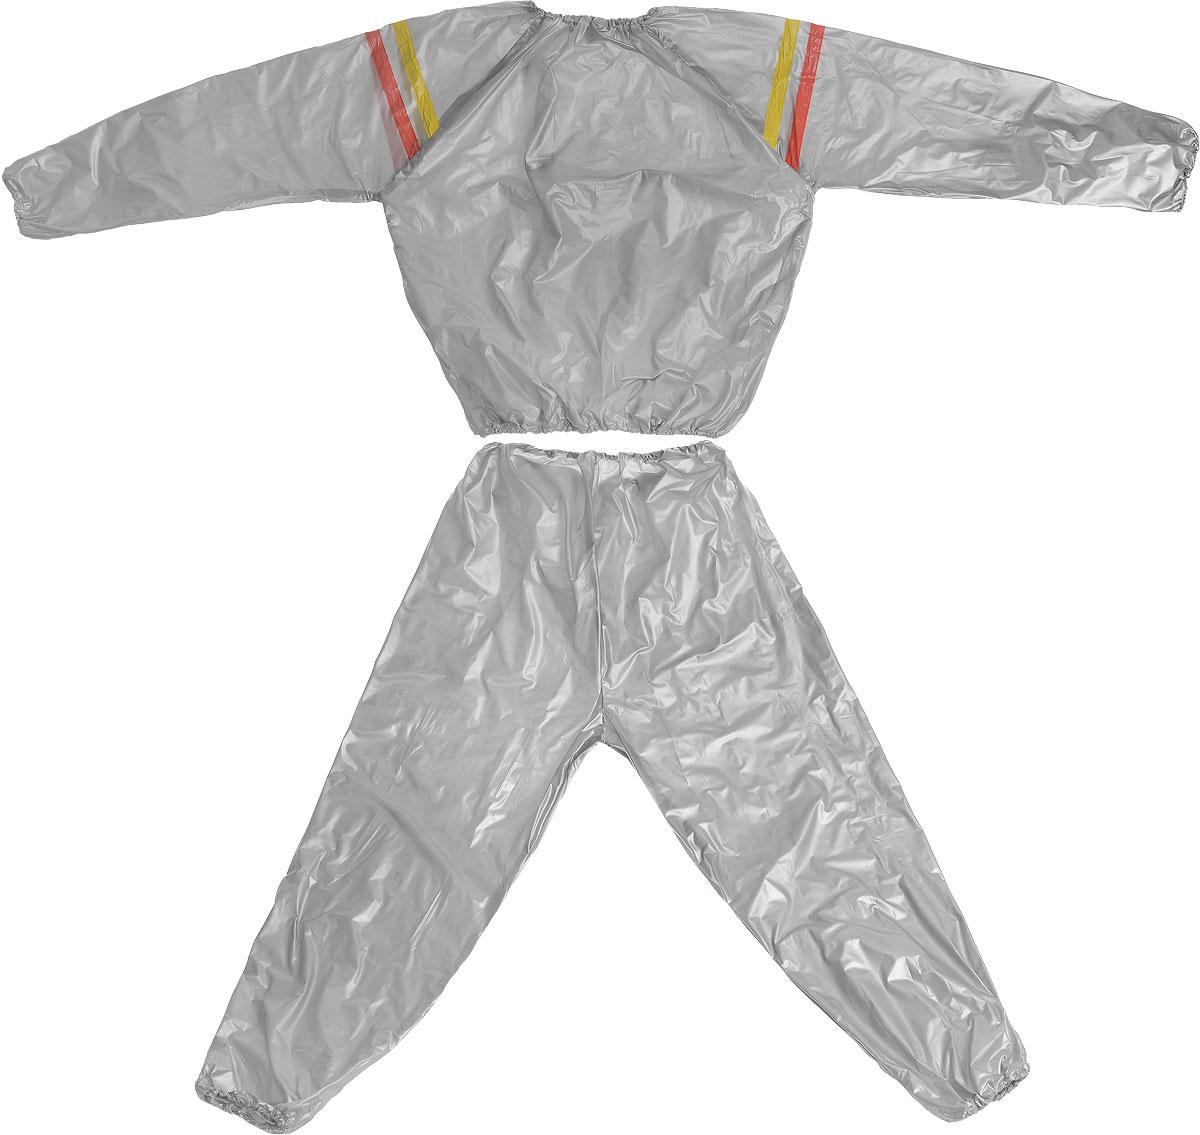 Костюм сауна Ironmaster, цвет: серый, желтый. Размер MIR97901_MКостюм-сауна Ironmasterизготовлен из ПВХ. Предназначен для интенсивного сброса веса во время занятий аэробикой и атлетикой. Эффект основан на тепловом балансе организма. Костюм-сауна, созданный для профессиональных спортсменов с целью быстрого сбрасывания веса перед соревнованиями, сегодня широко используется обычными людьми.Костюм подходит и для женщин, и для мужчин. При использовании этого костюма у вас пропадает лишний вес, калории сжигаются в несколько раз быстрее, чем во время обычных физических нагрузок, а вы выглядите с каждым днем все более привлекательно.